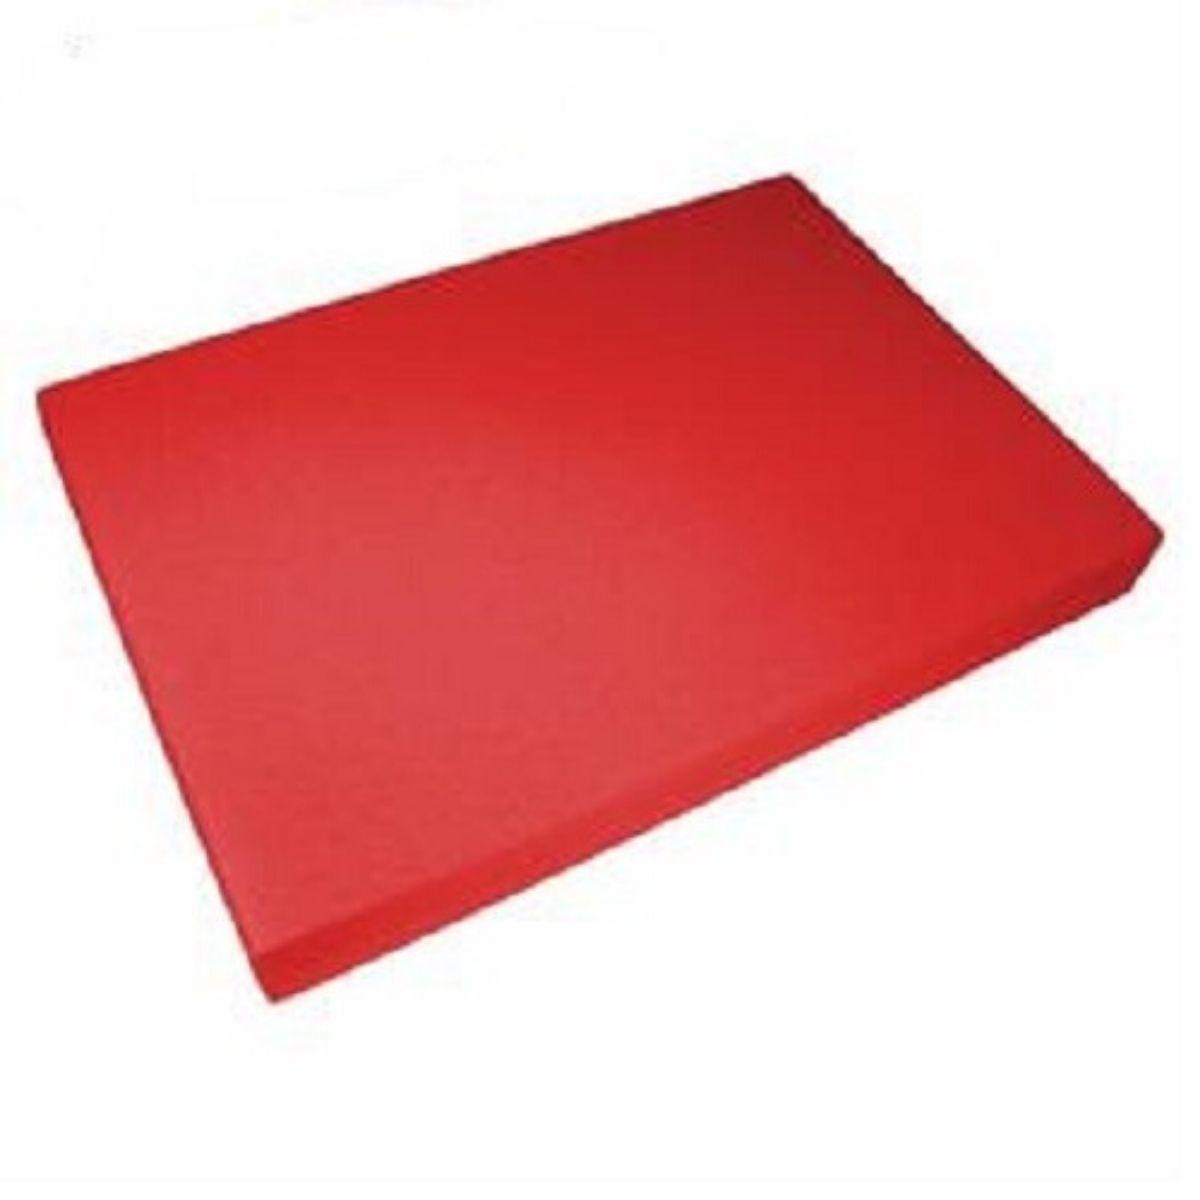 Kit 500 Capas para Encadernação PP 0,30mm A4 Vermelha Couro (Fundo)  - Click Suprimentos